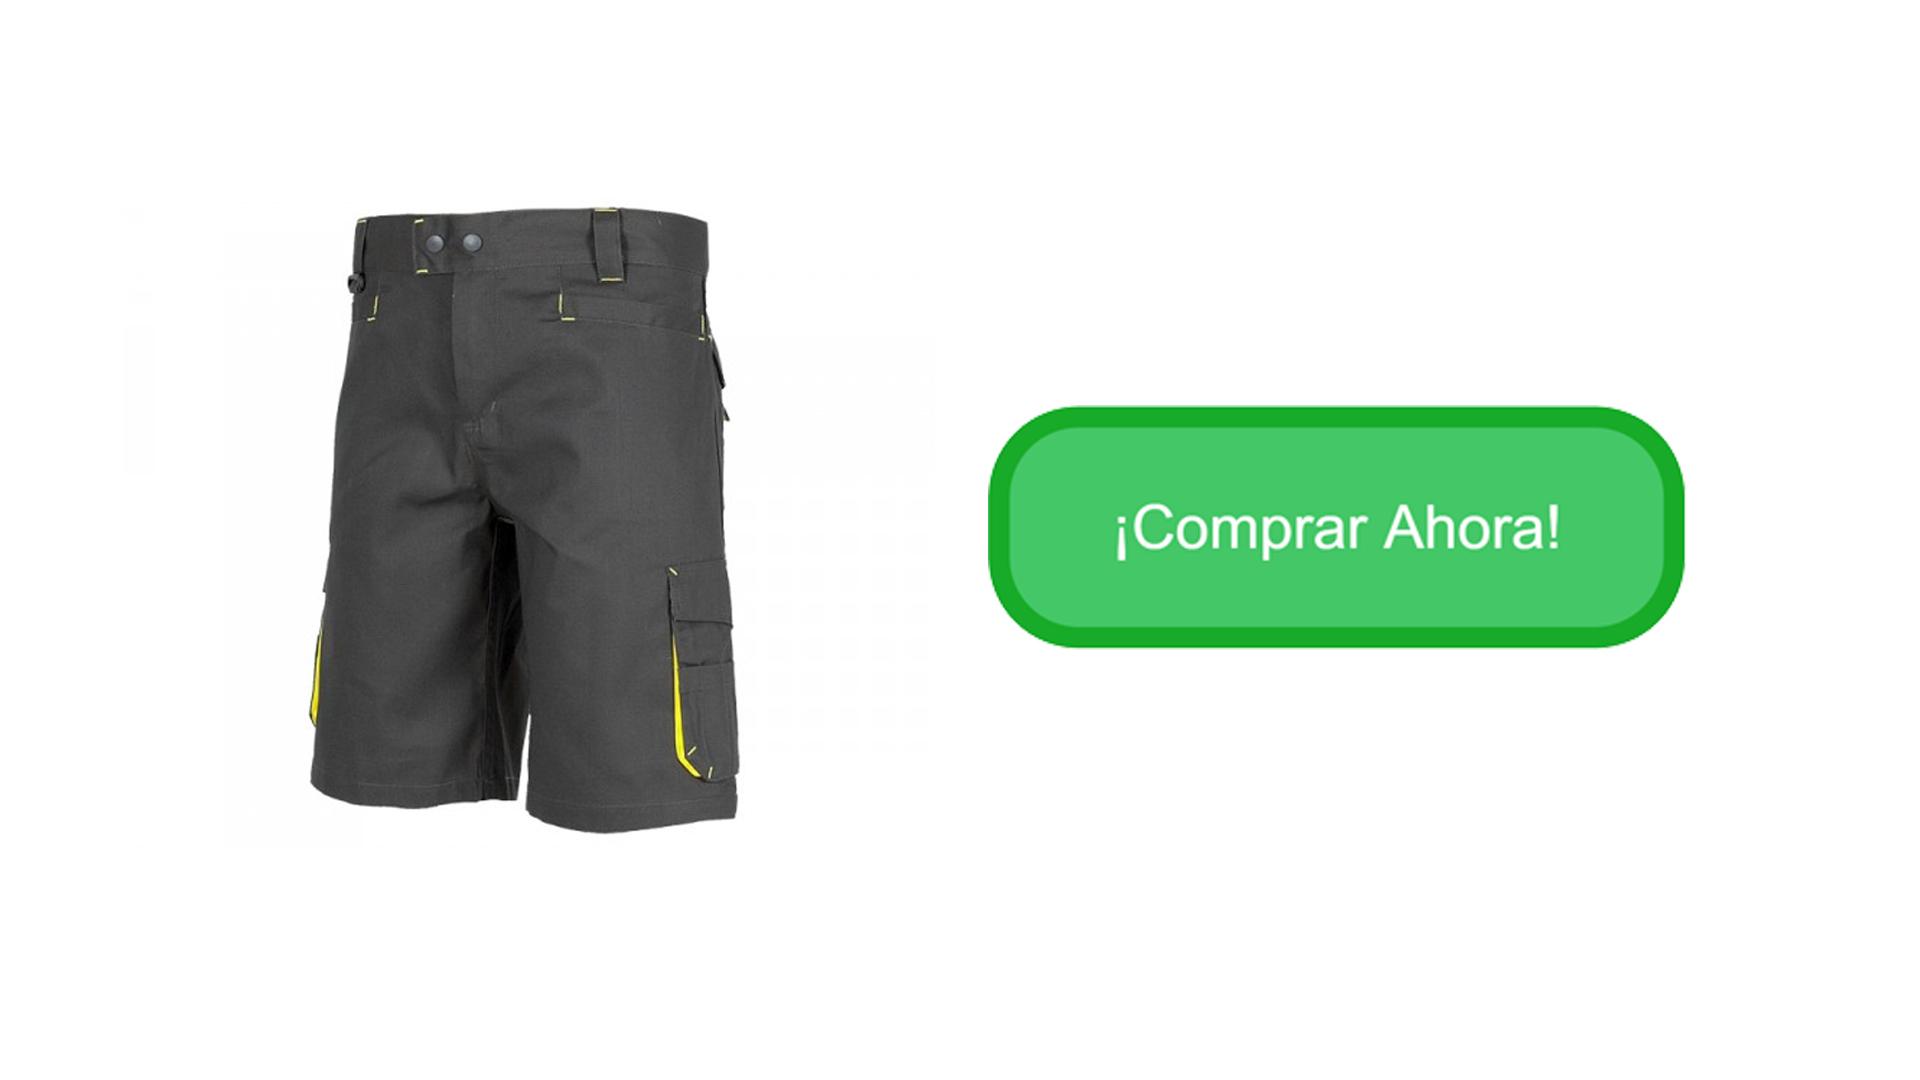 Pantalones Cortos Herraiz - Comprar Ahora uno